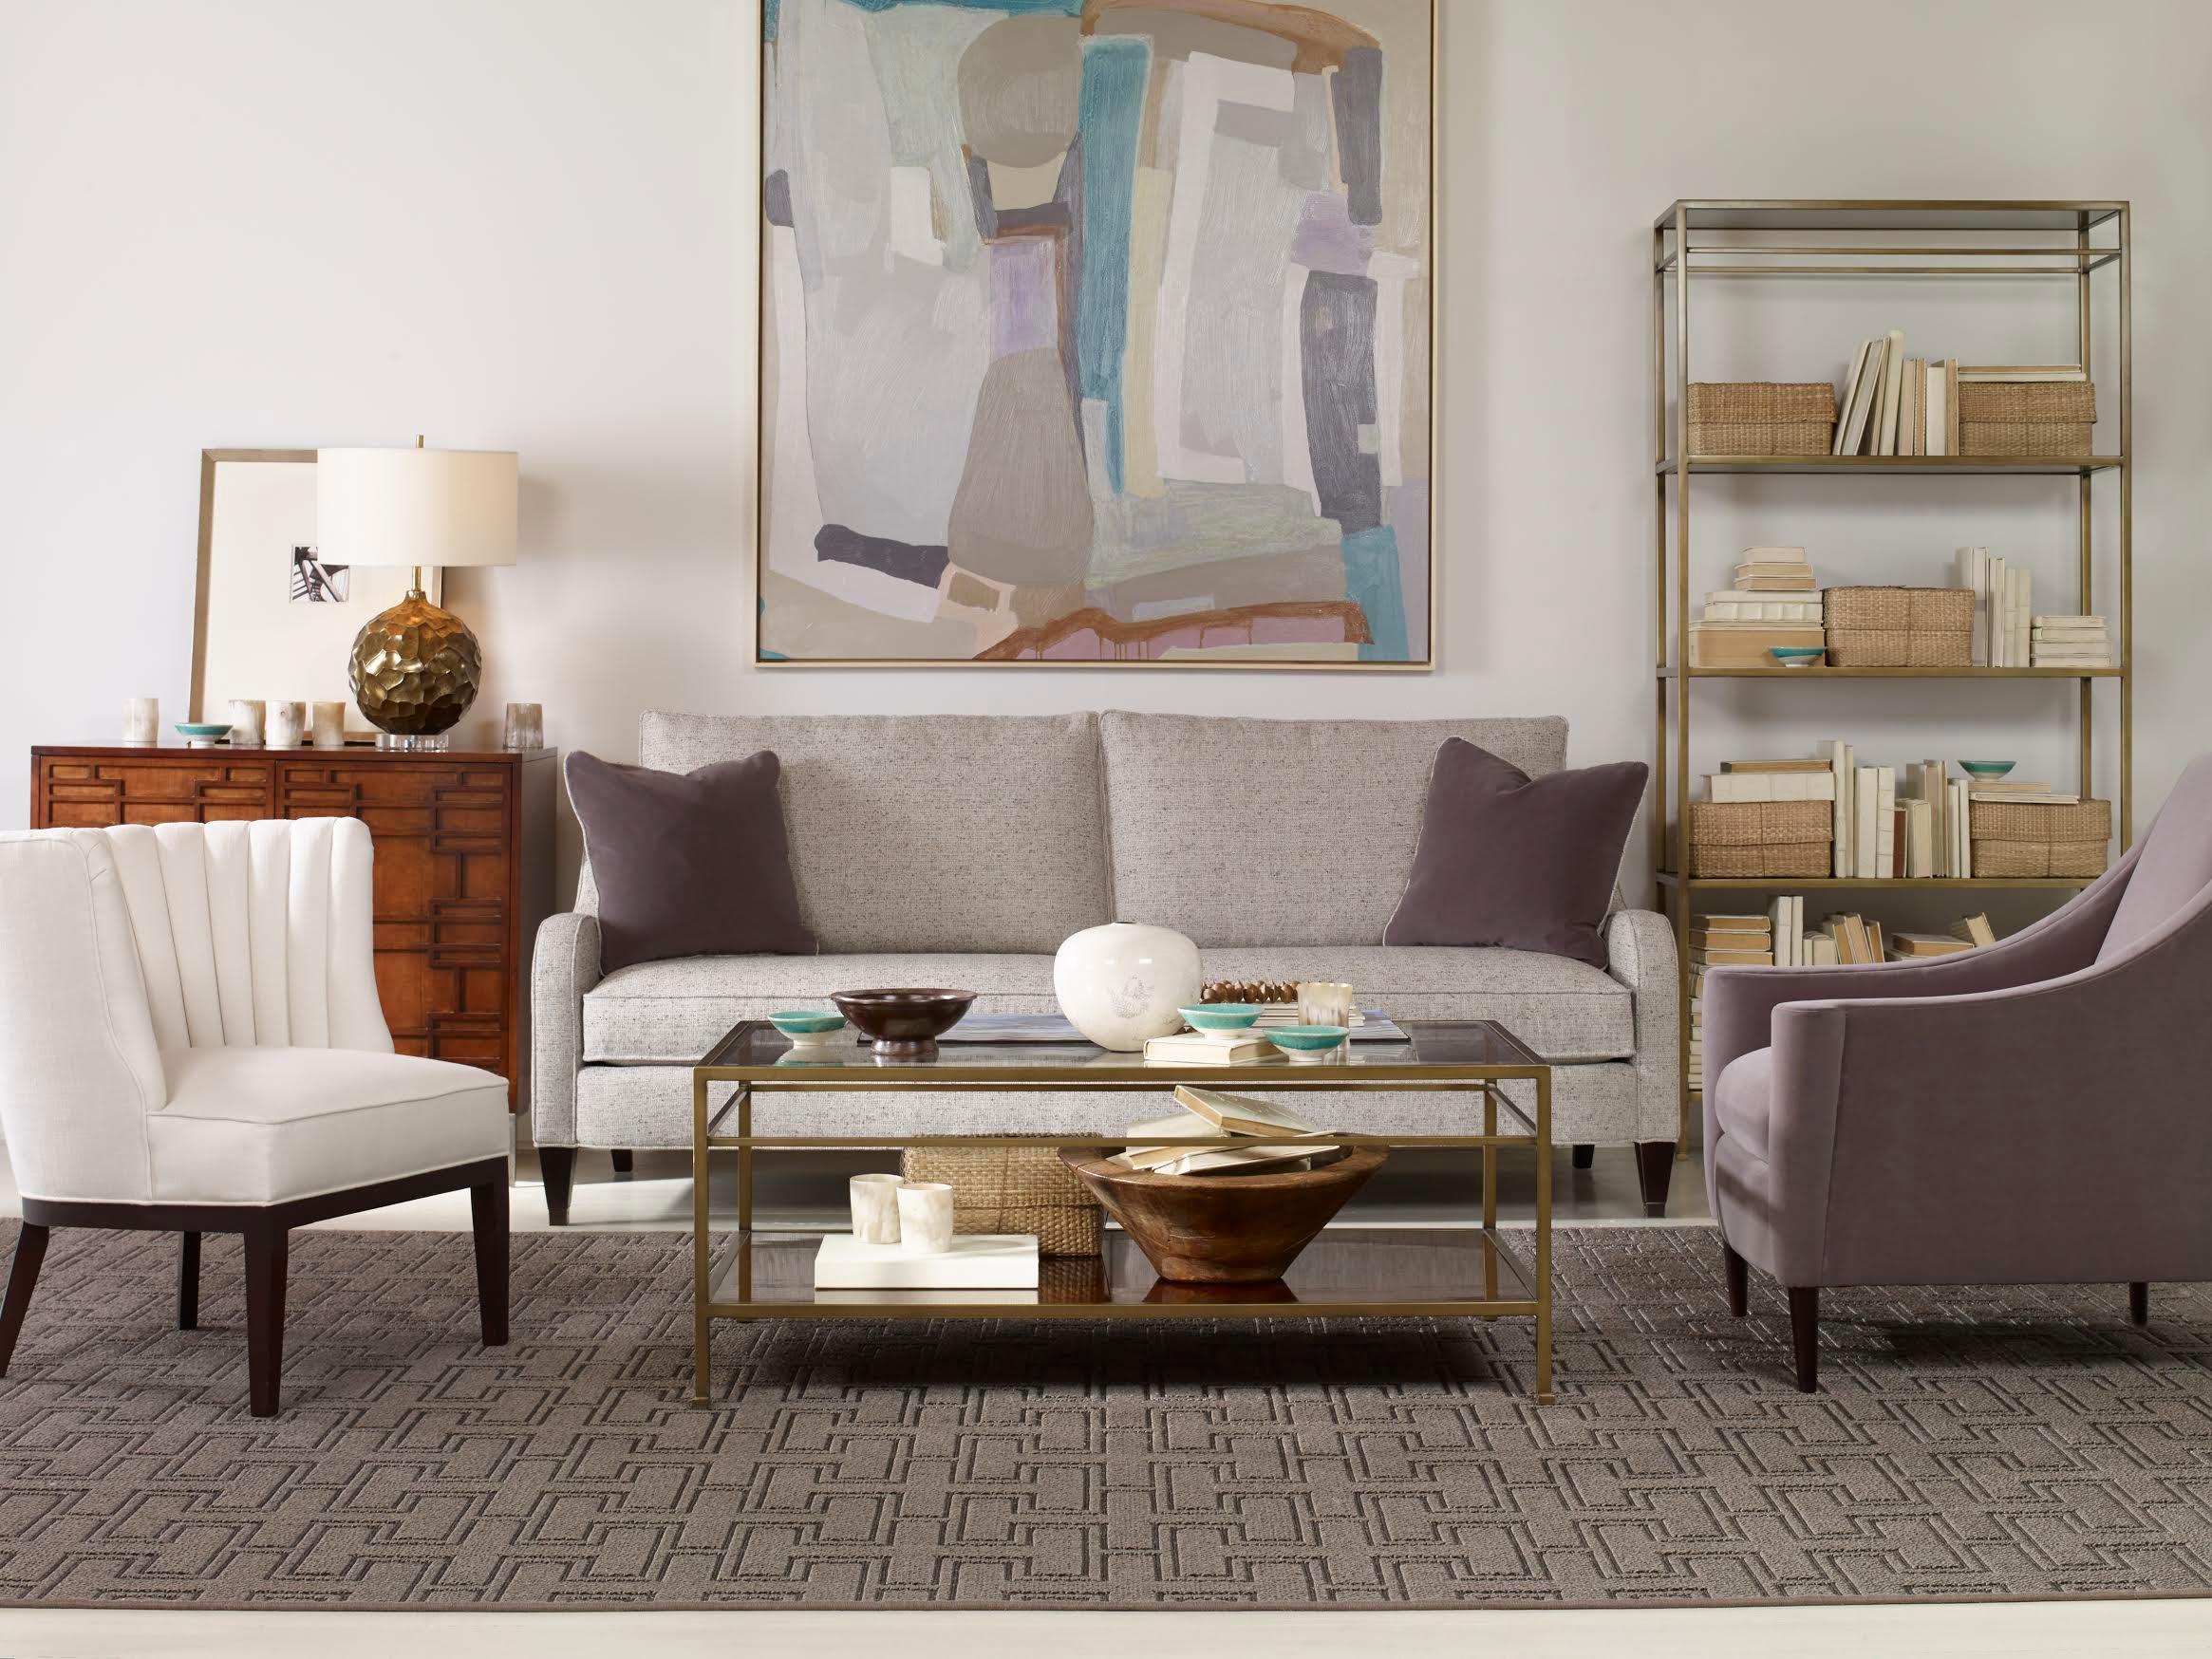 Gasior's Furniture & Interior Design image 7